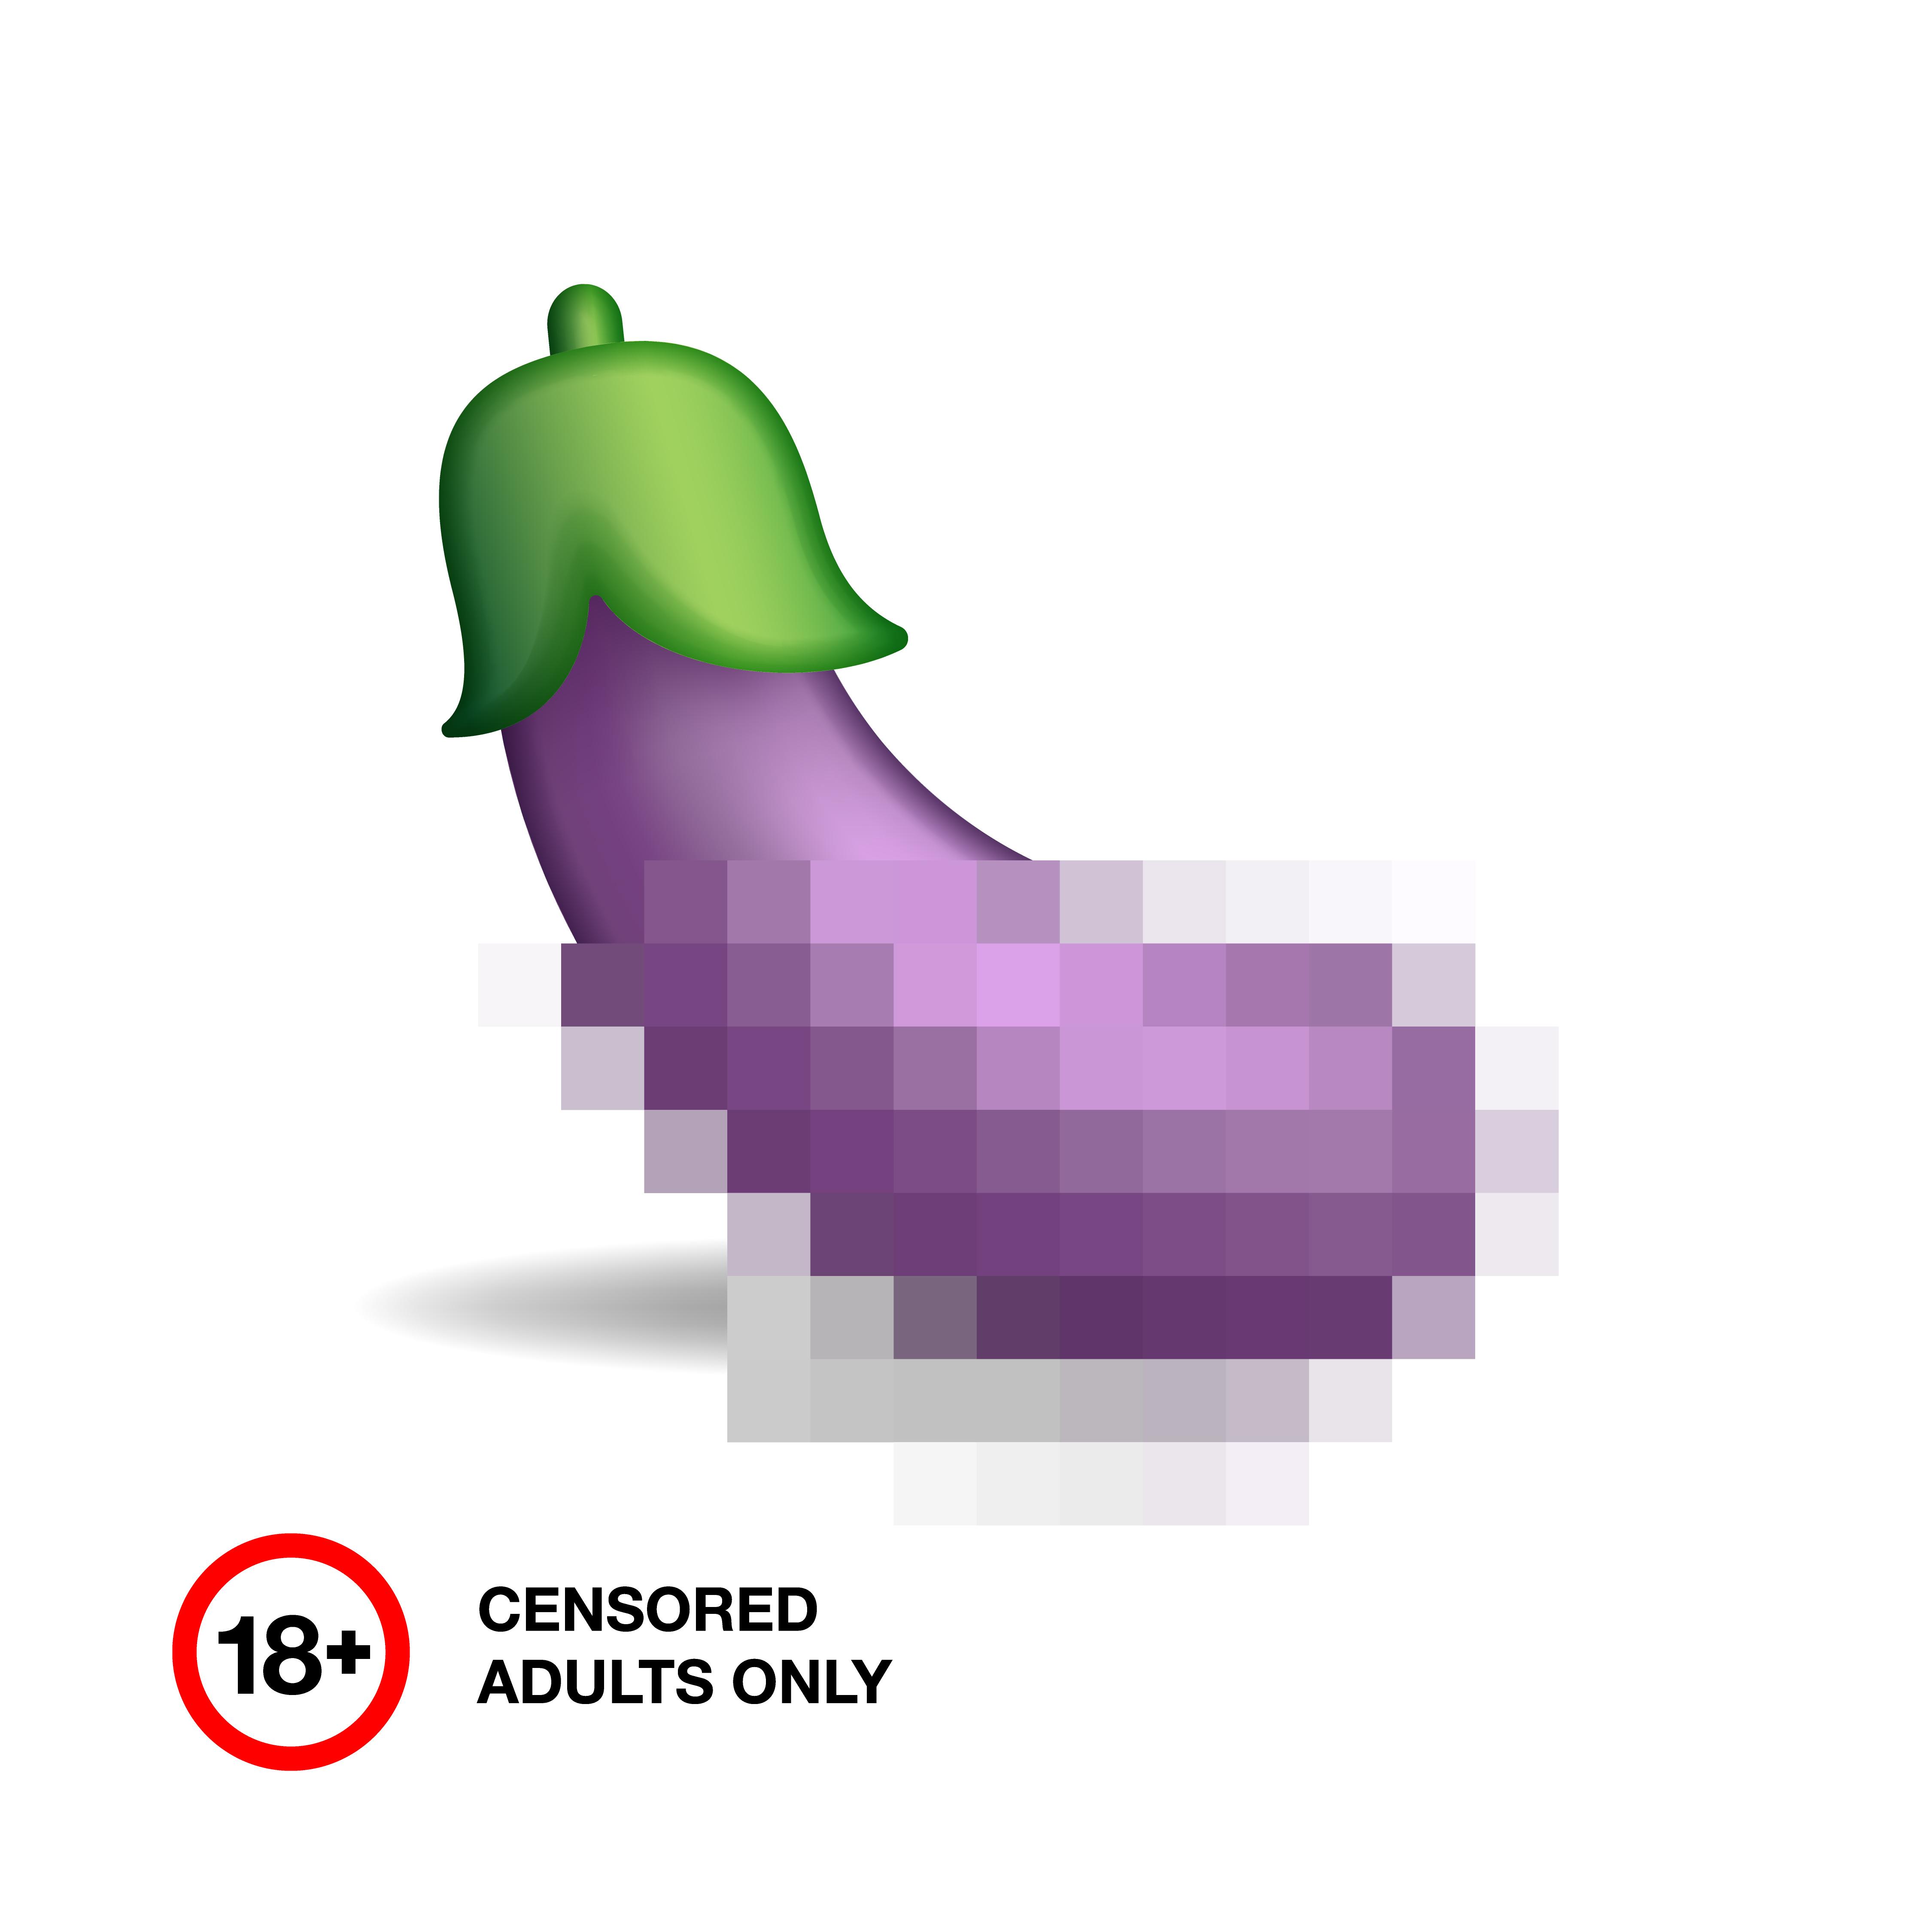 emoji depicting smiley poop